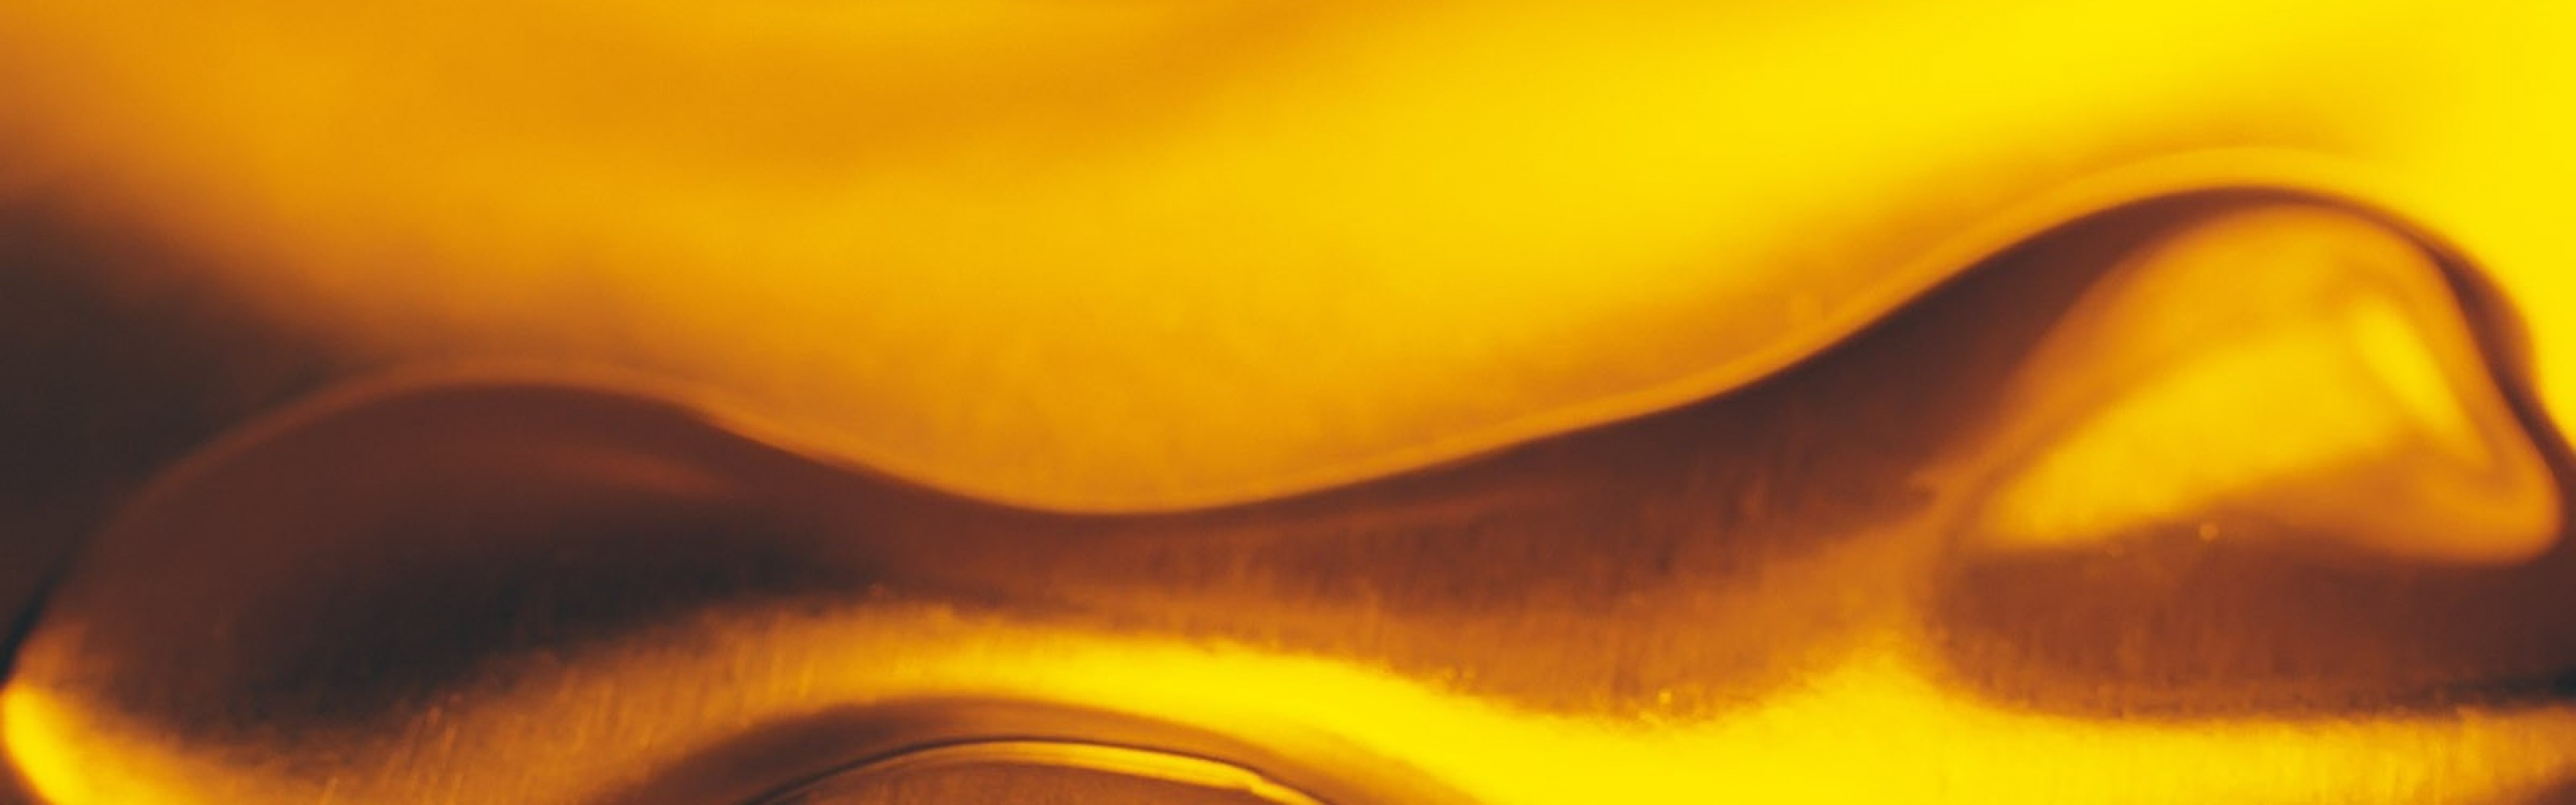 Wallpaper drops, yellow, white